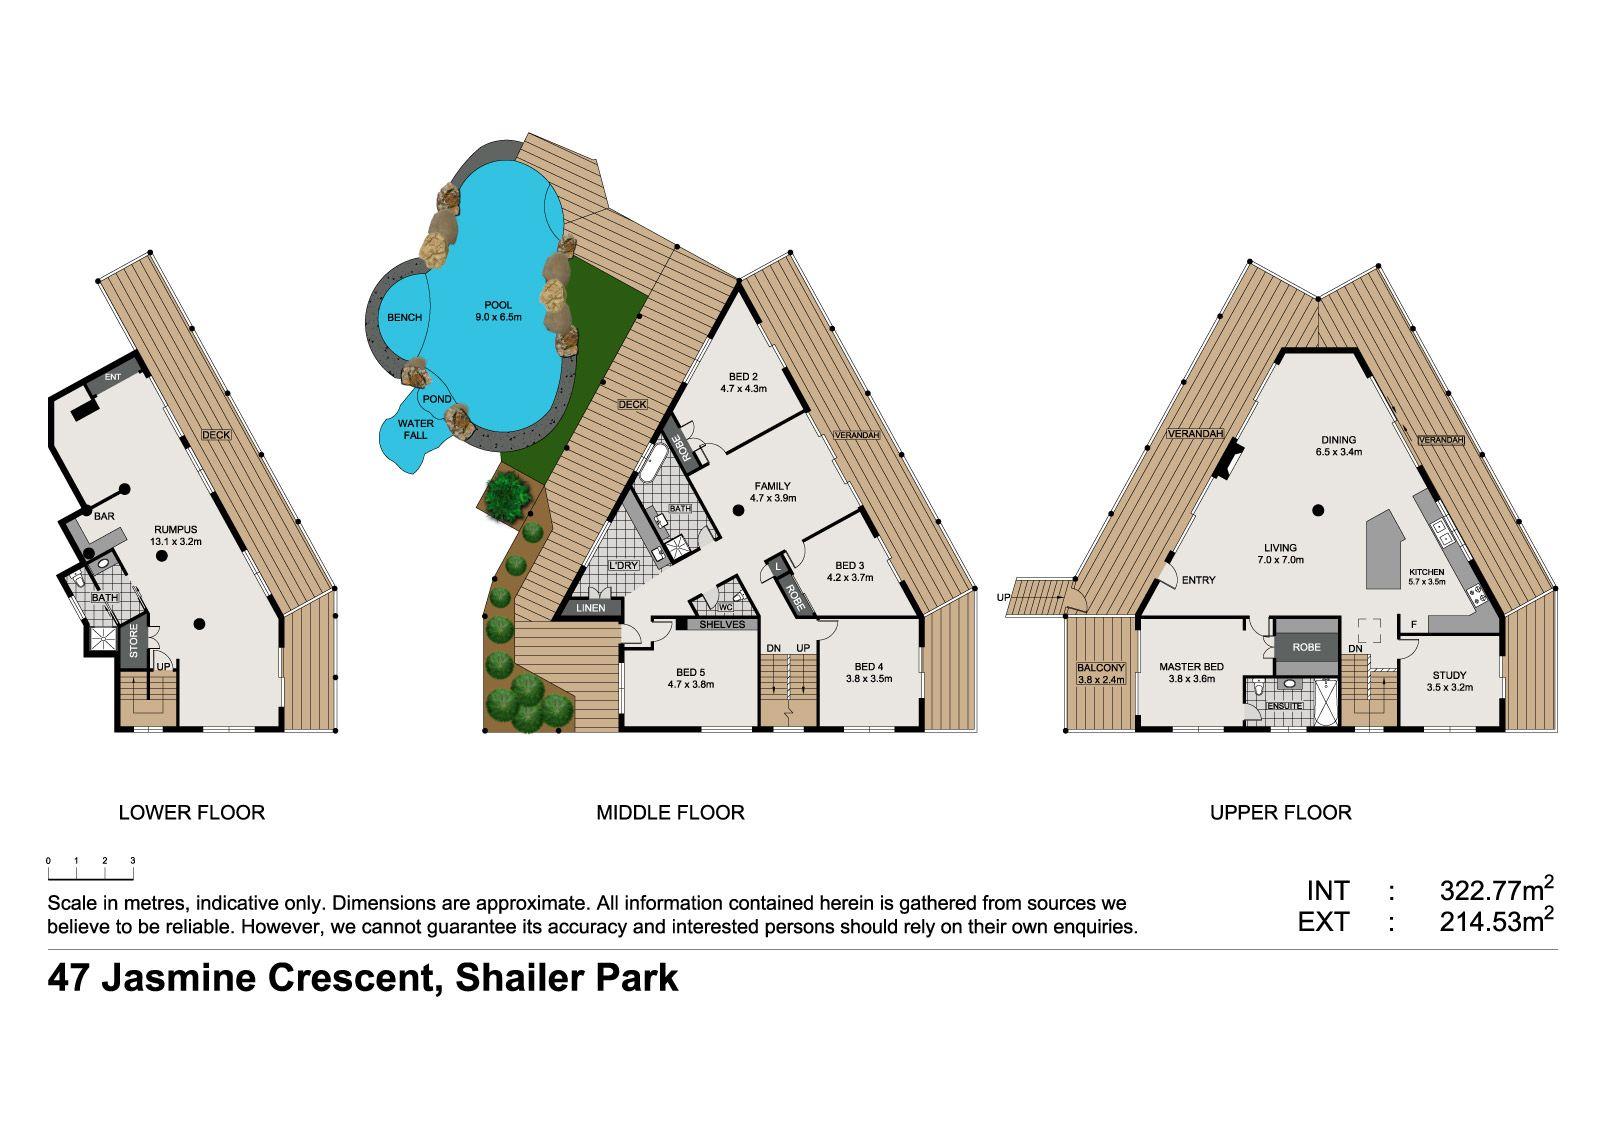 47 JASMINE CRESCENT, Shailer Park